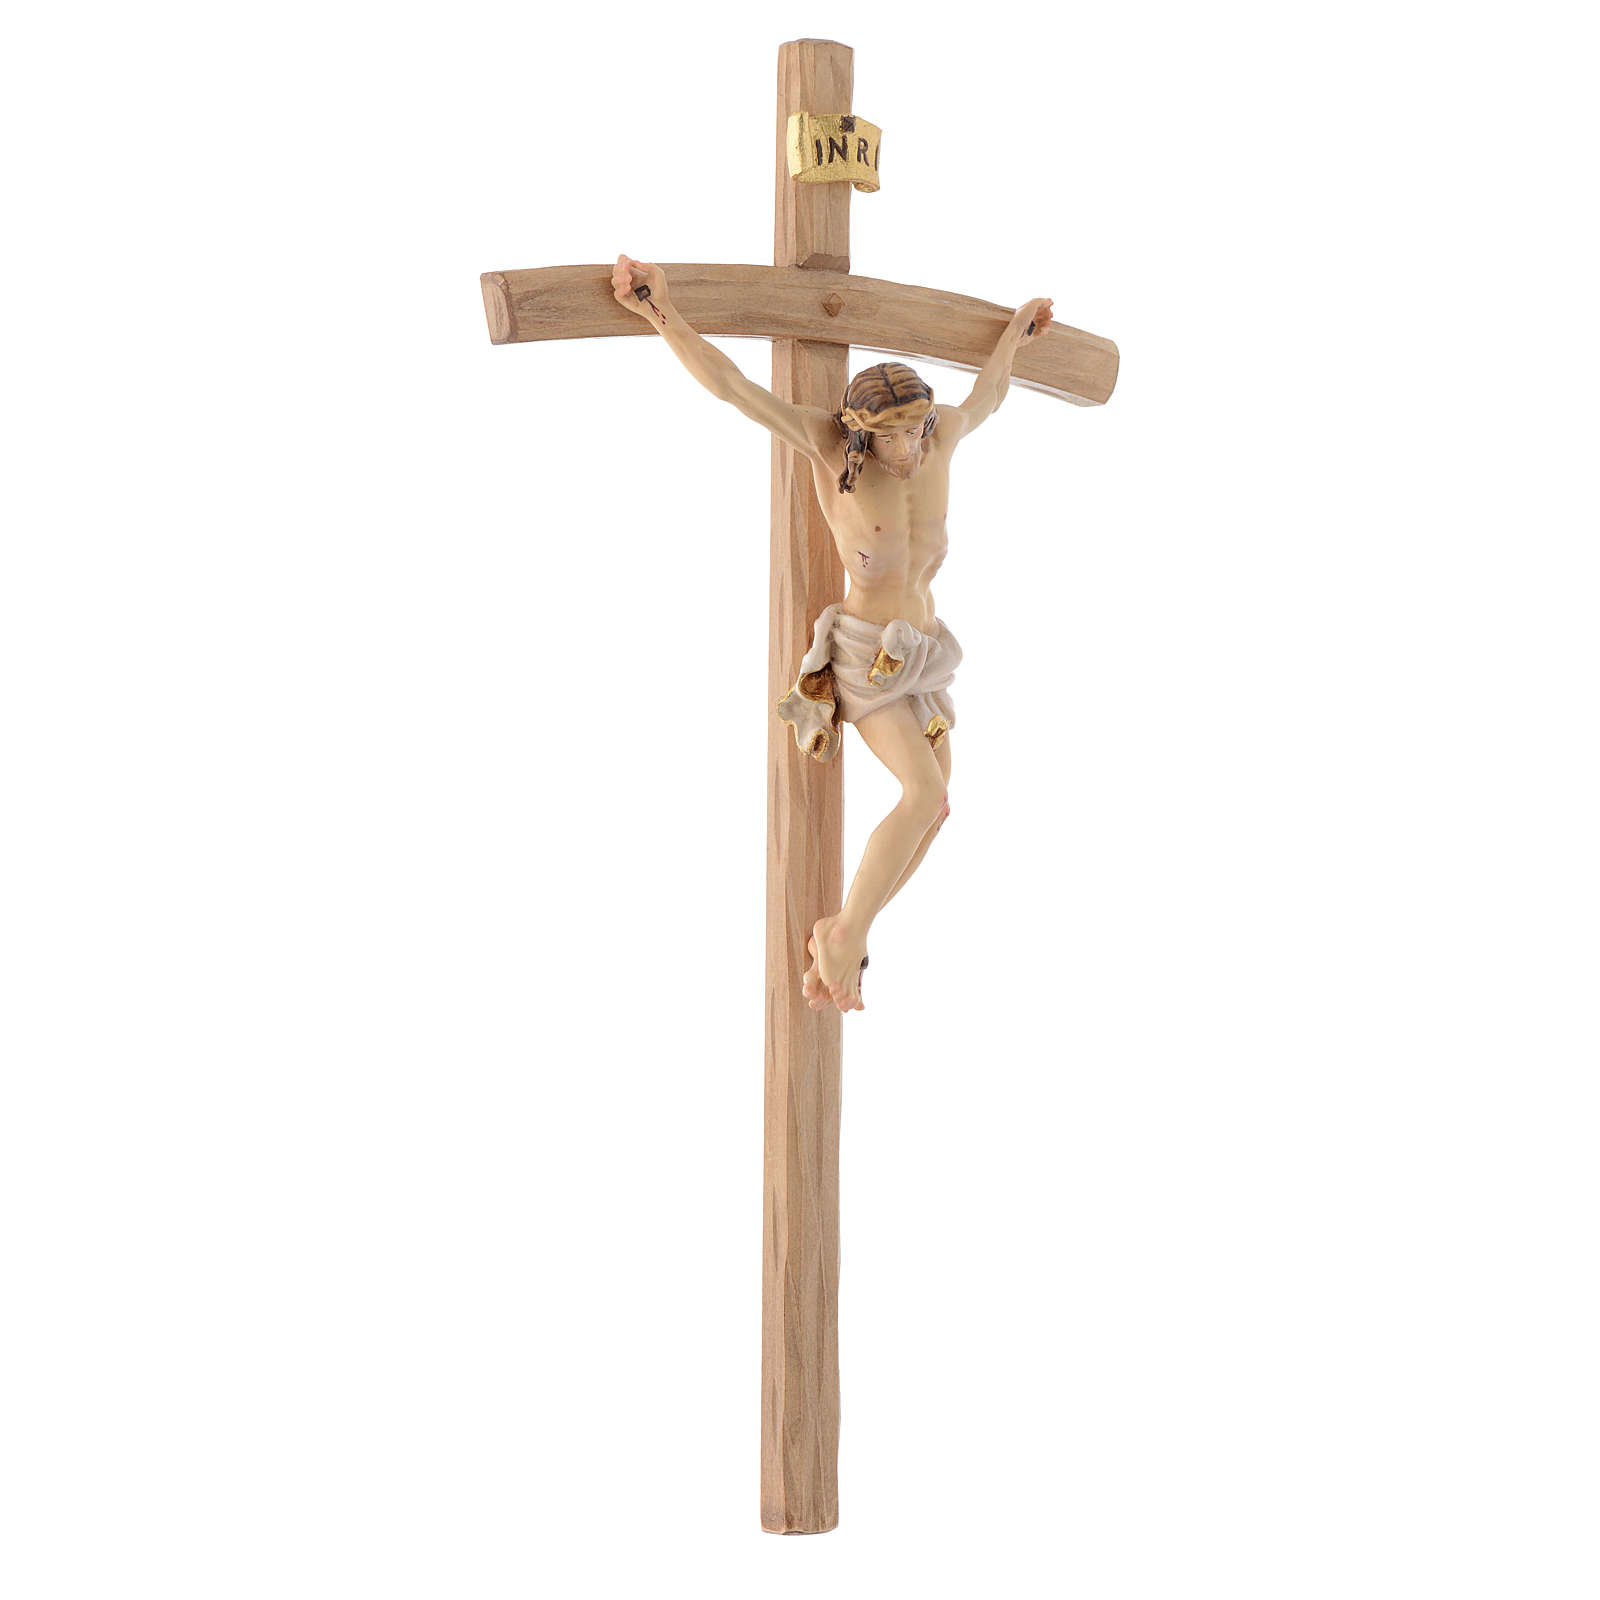 Curved cross crucifix 4